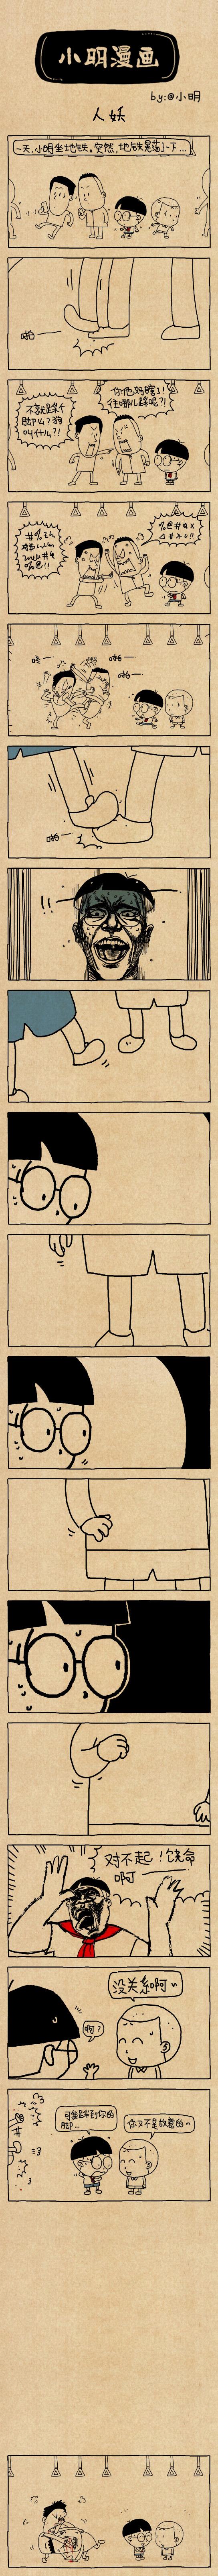 查看《小明漫画——美德是面照妖镜》原图,原图尺寸:544x6414